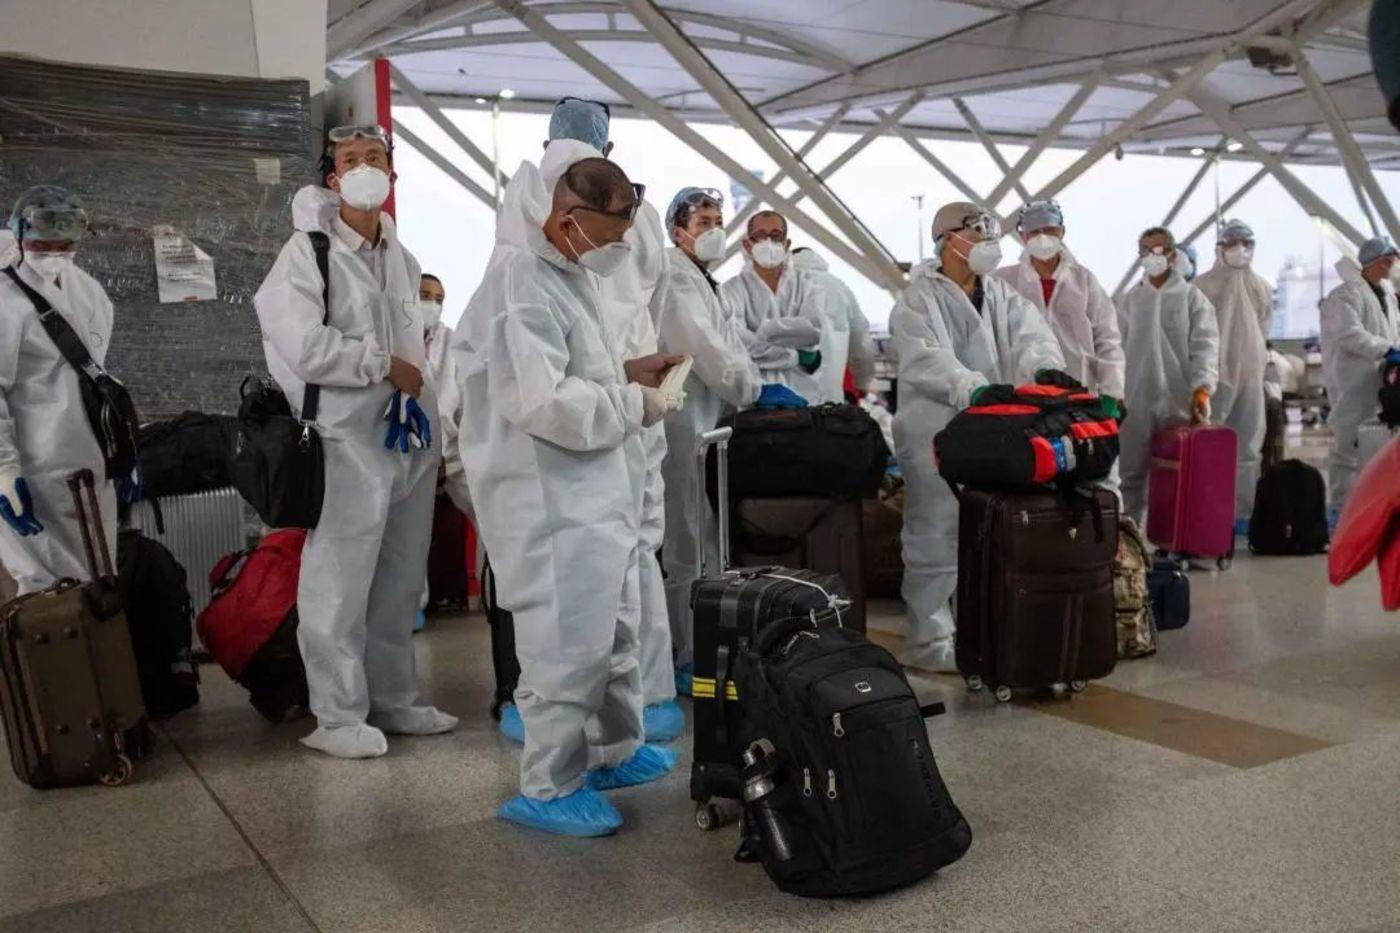 中国乘客等待登机/冯迪